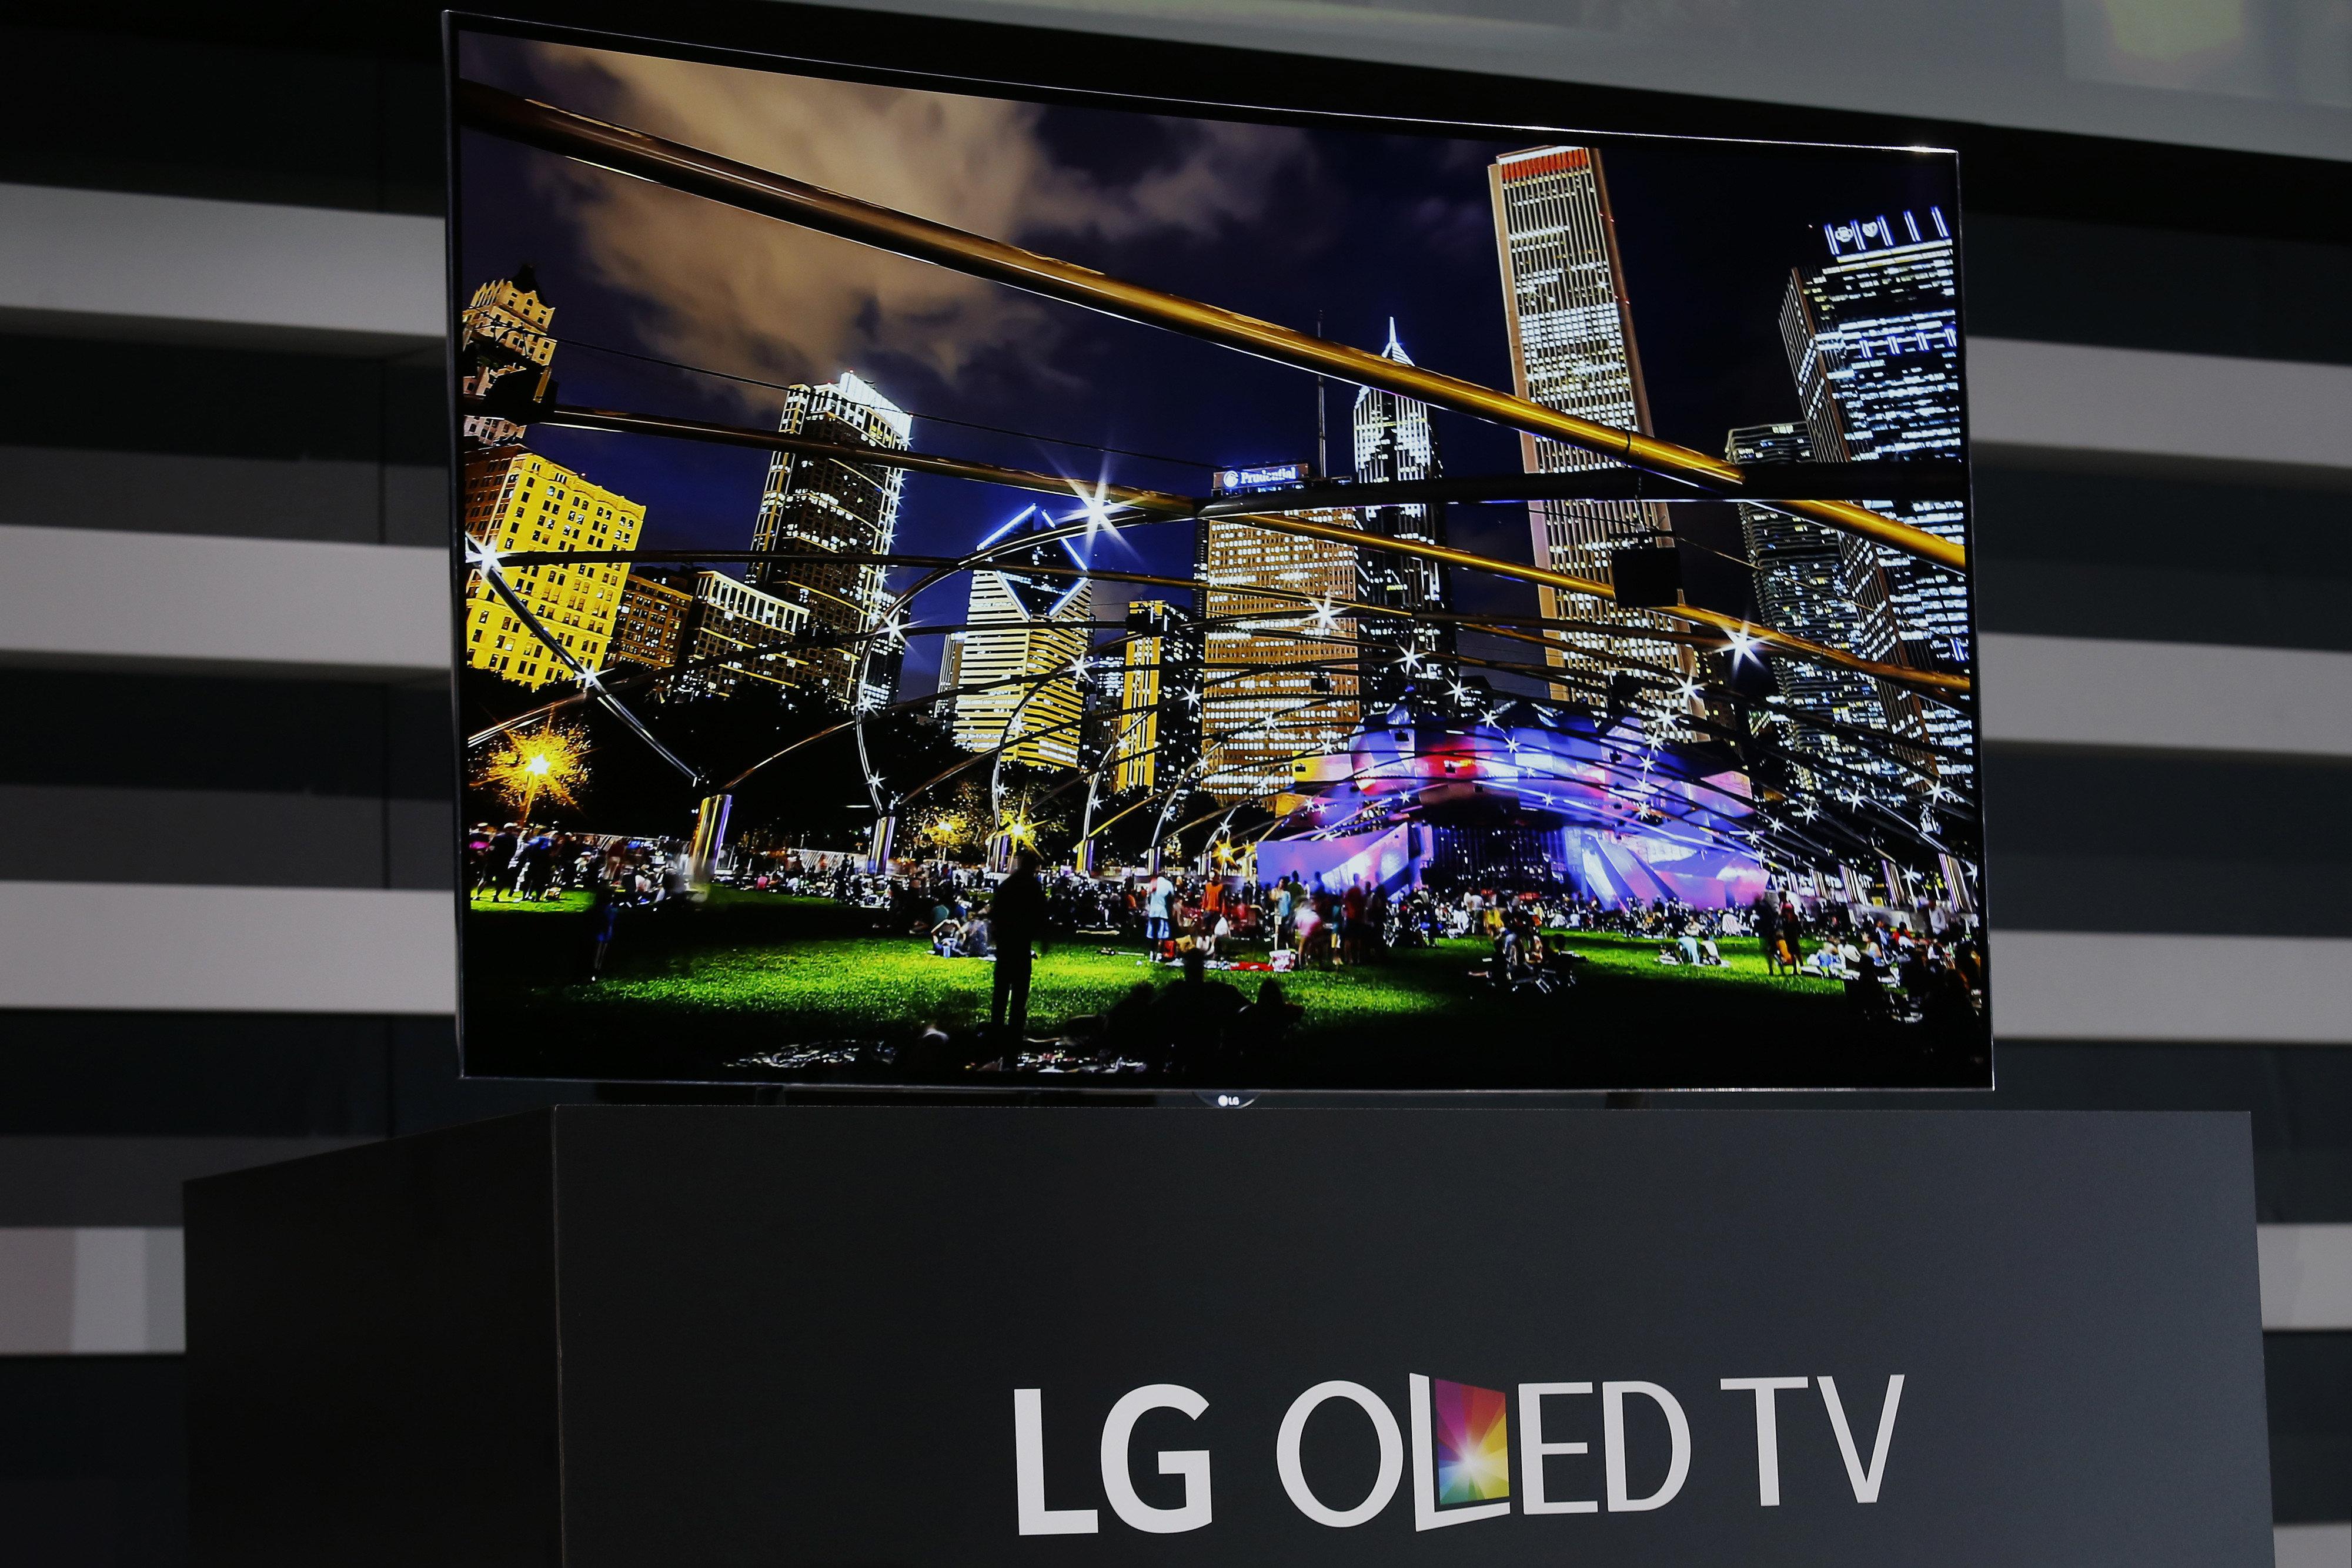 'LG전자 TV 결함 제보하면 100만원' 공모전 주최자의